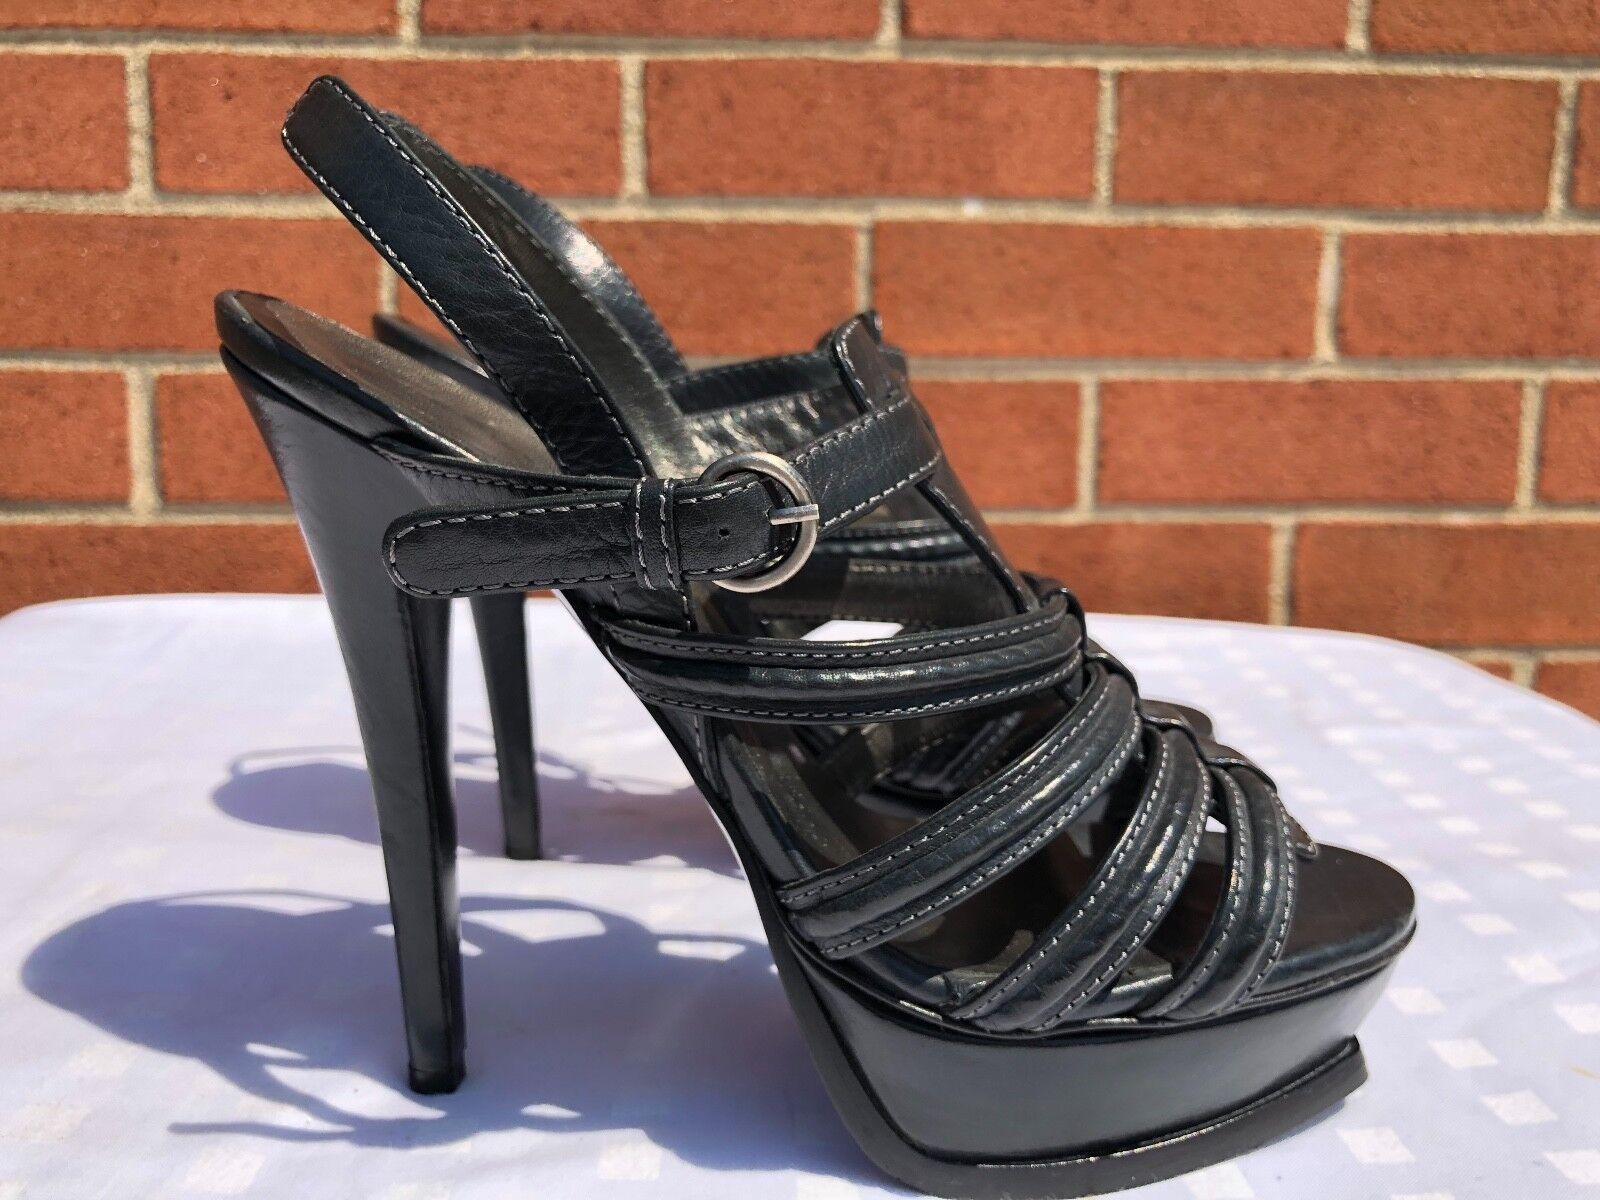 classico senza tempo Nursace donna High Heel platform platform platform sandals scarpe Dimensione EUR 39 made in   spedizione veloce e miglior servizio